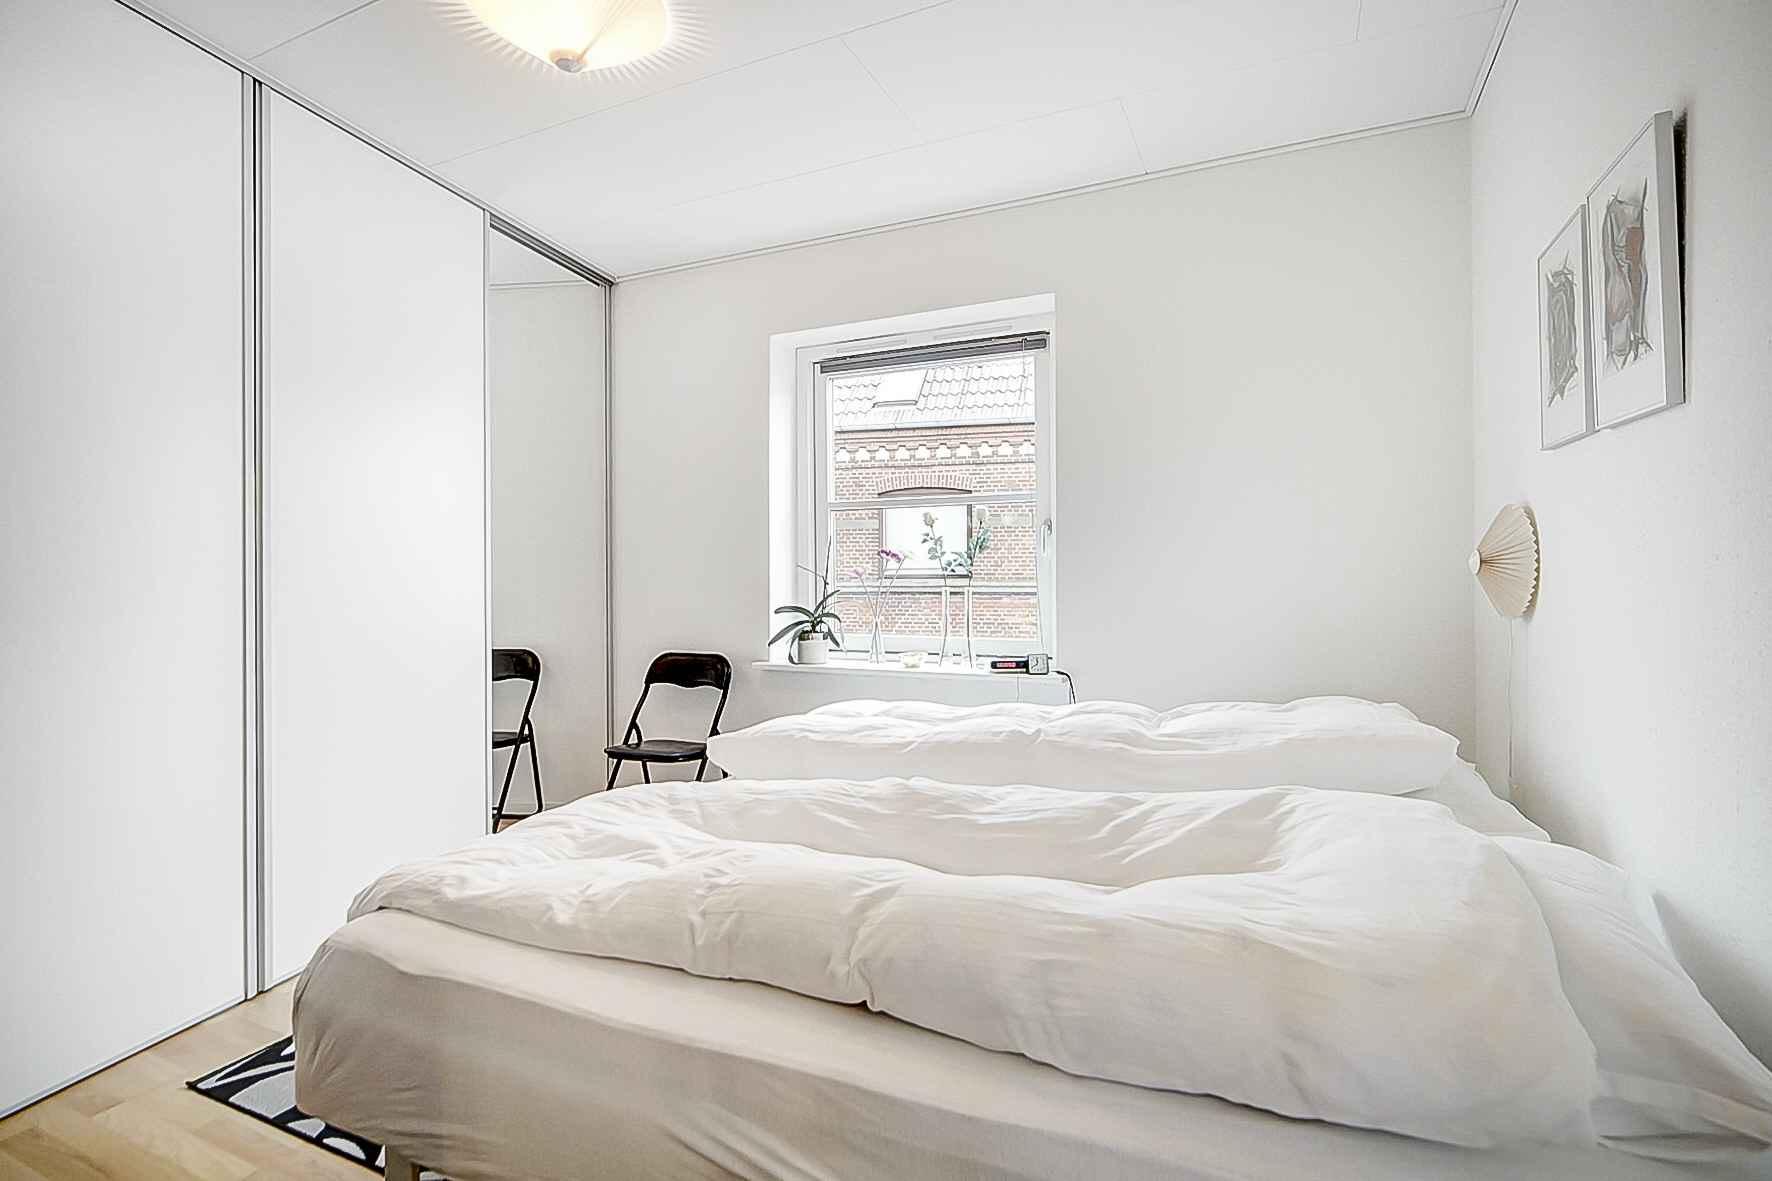 SÅdan indretter du sovevÆrelset   blog om bolig